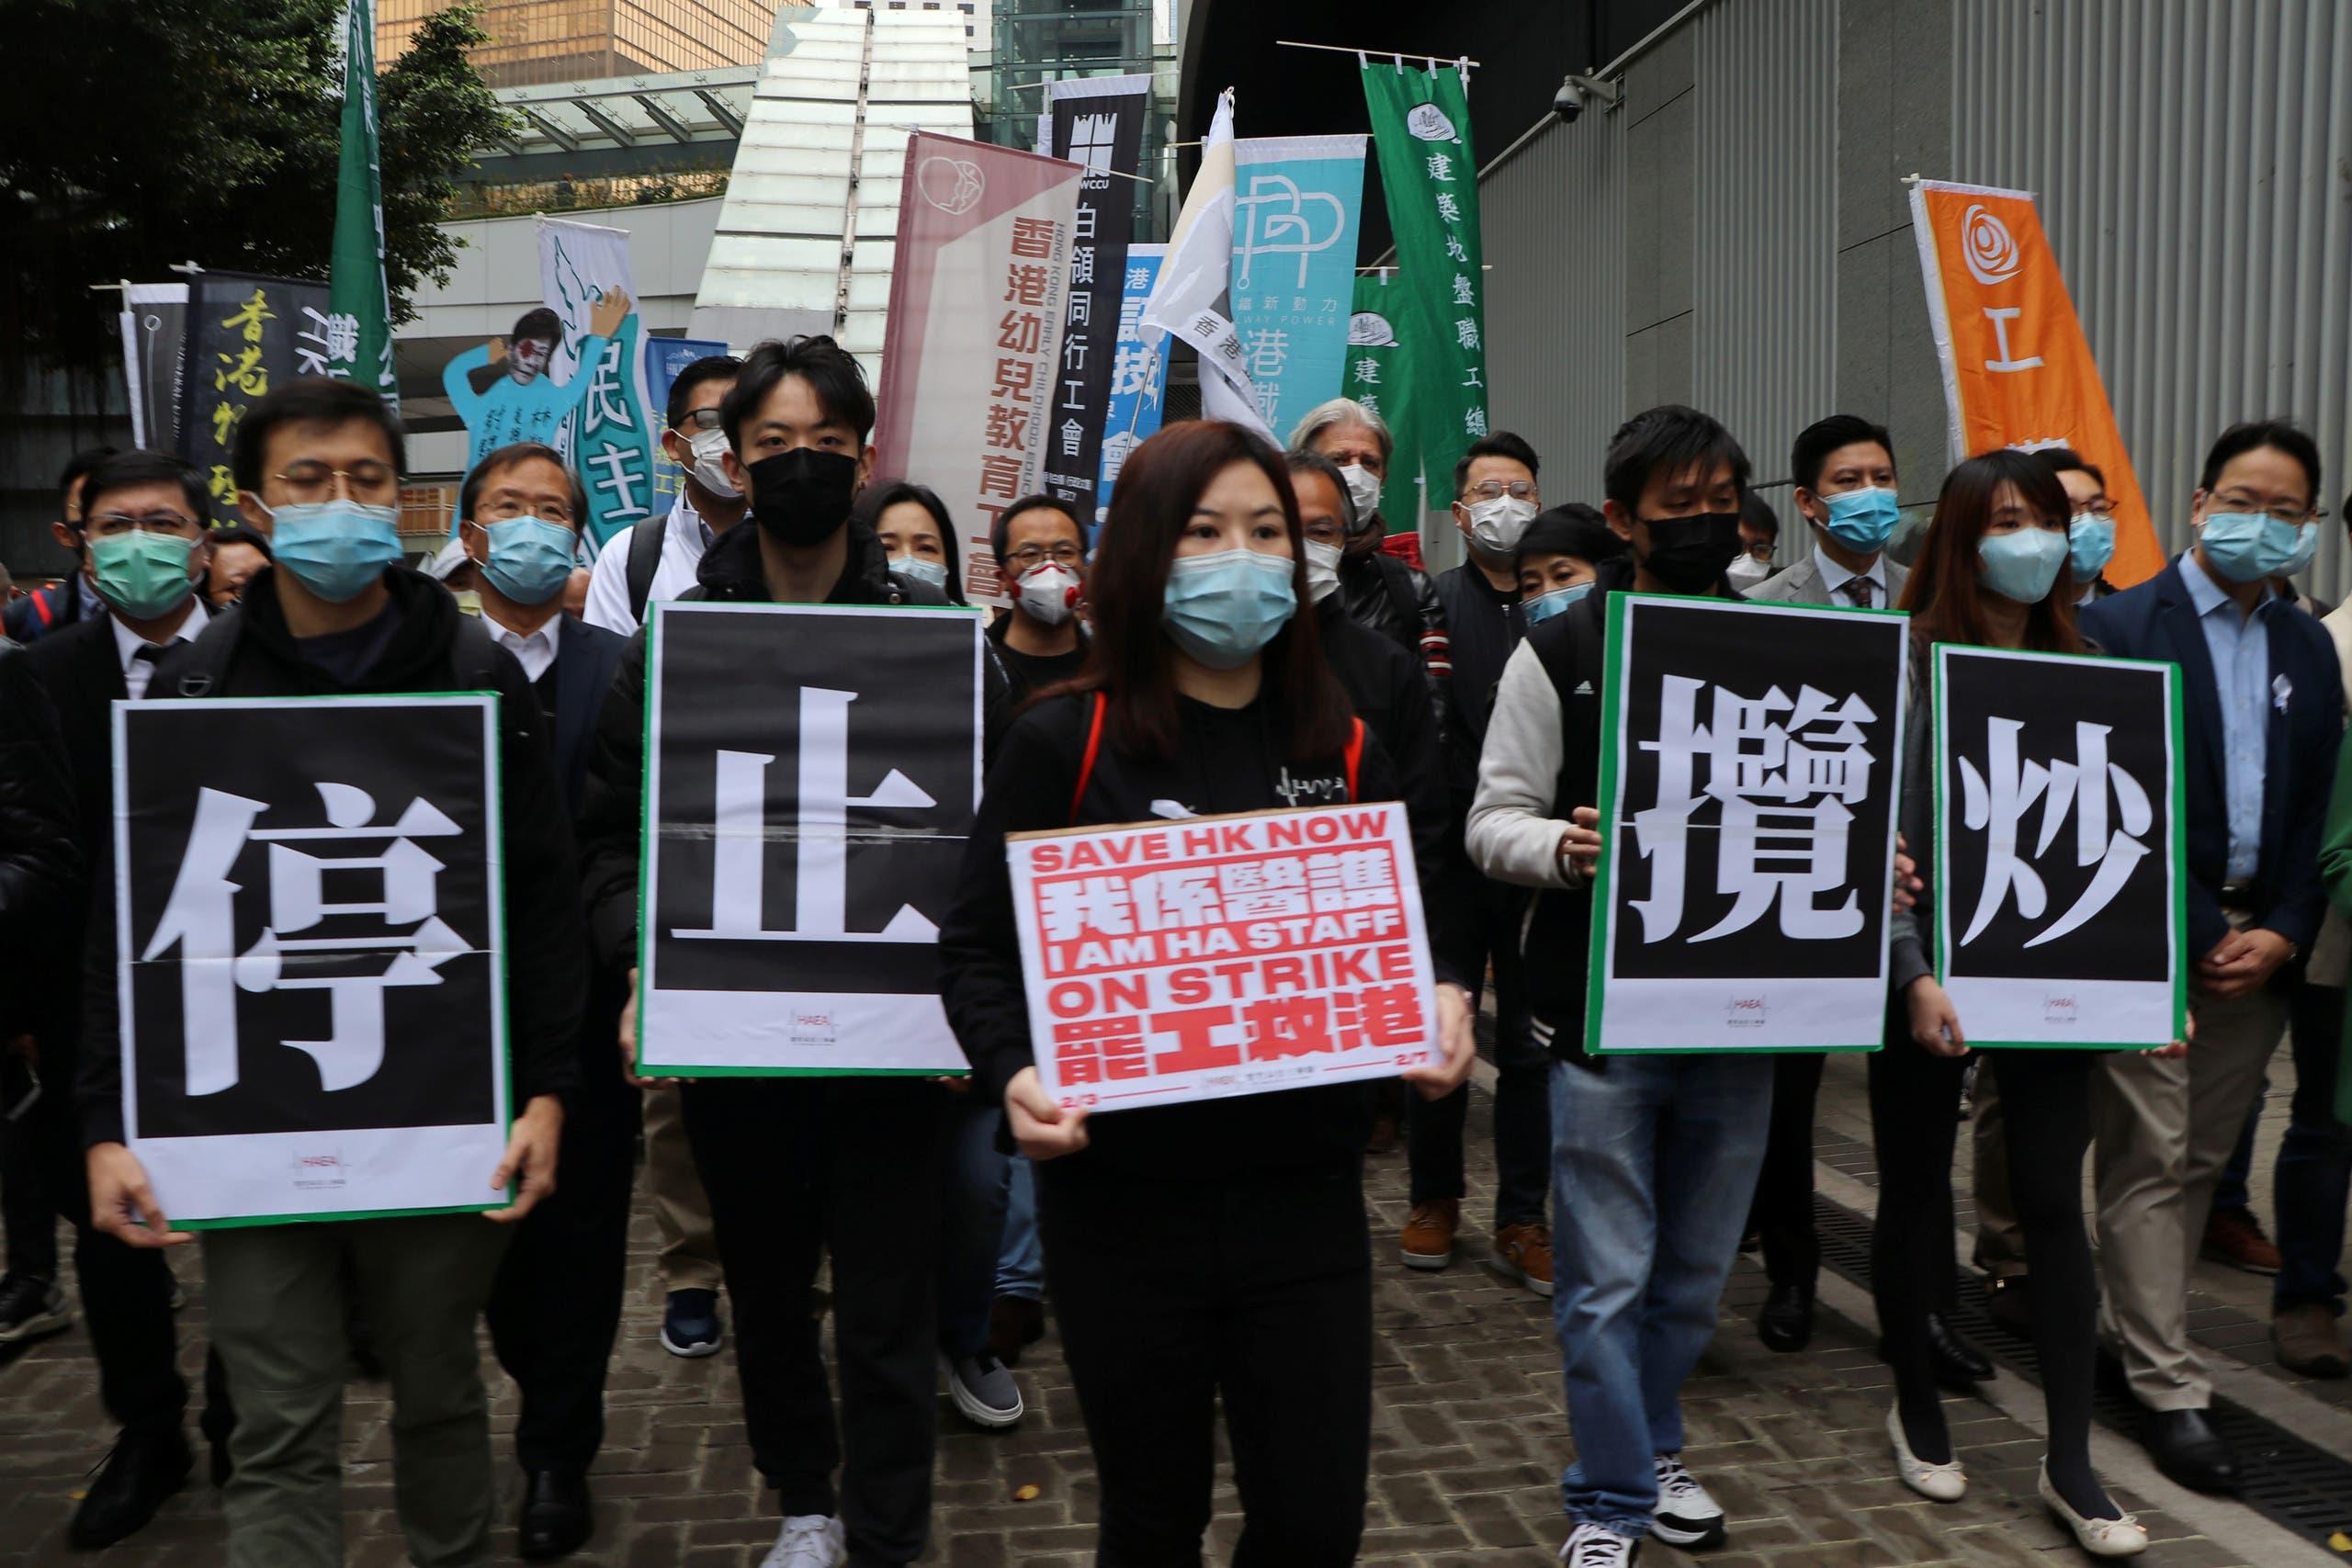 احتجاجات في هونغ كونغ لإغلاق الحدود مع الصين